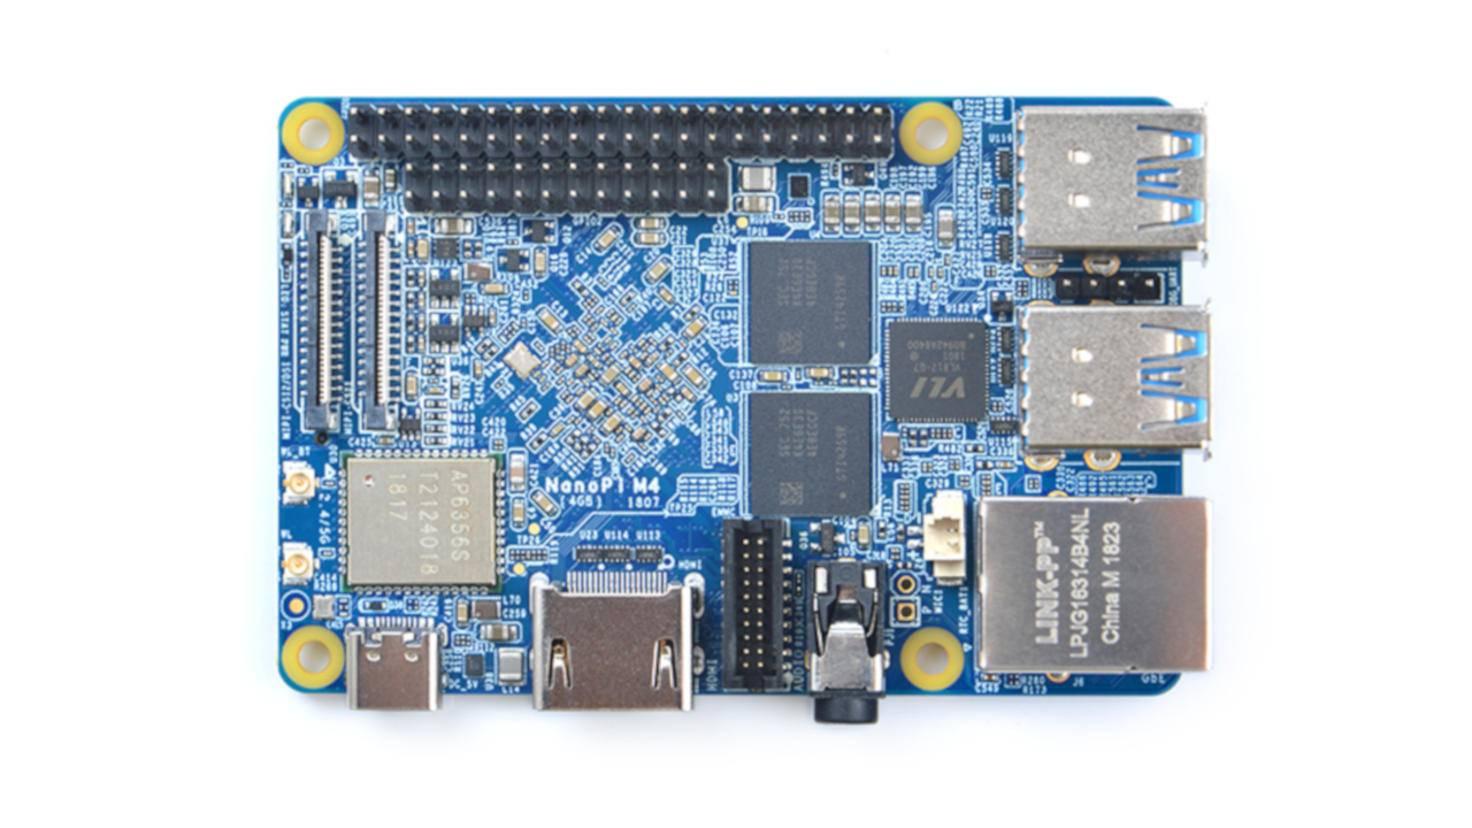 nanopi-m4-einplatinencomputer